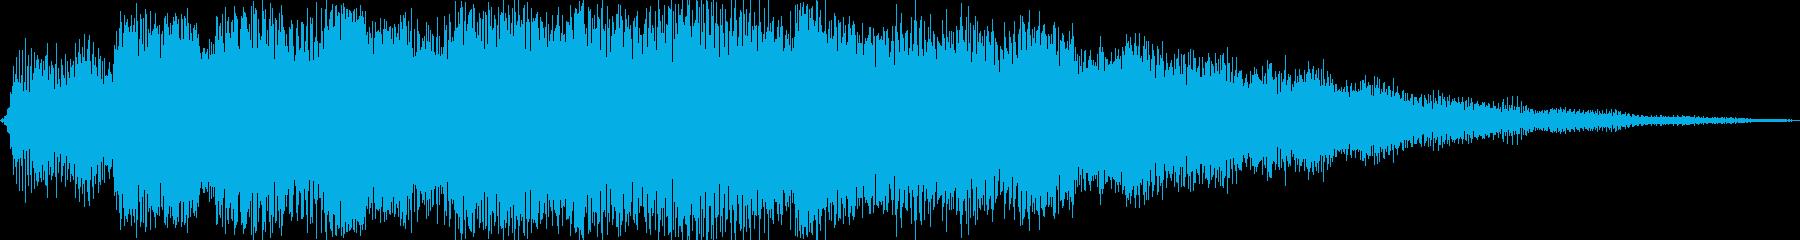 ピアノエレガントの再生済みの波形